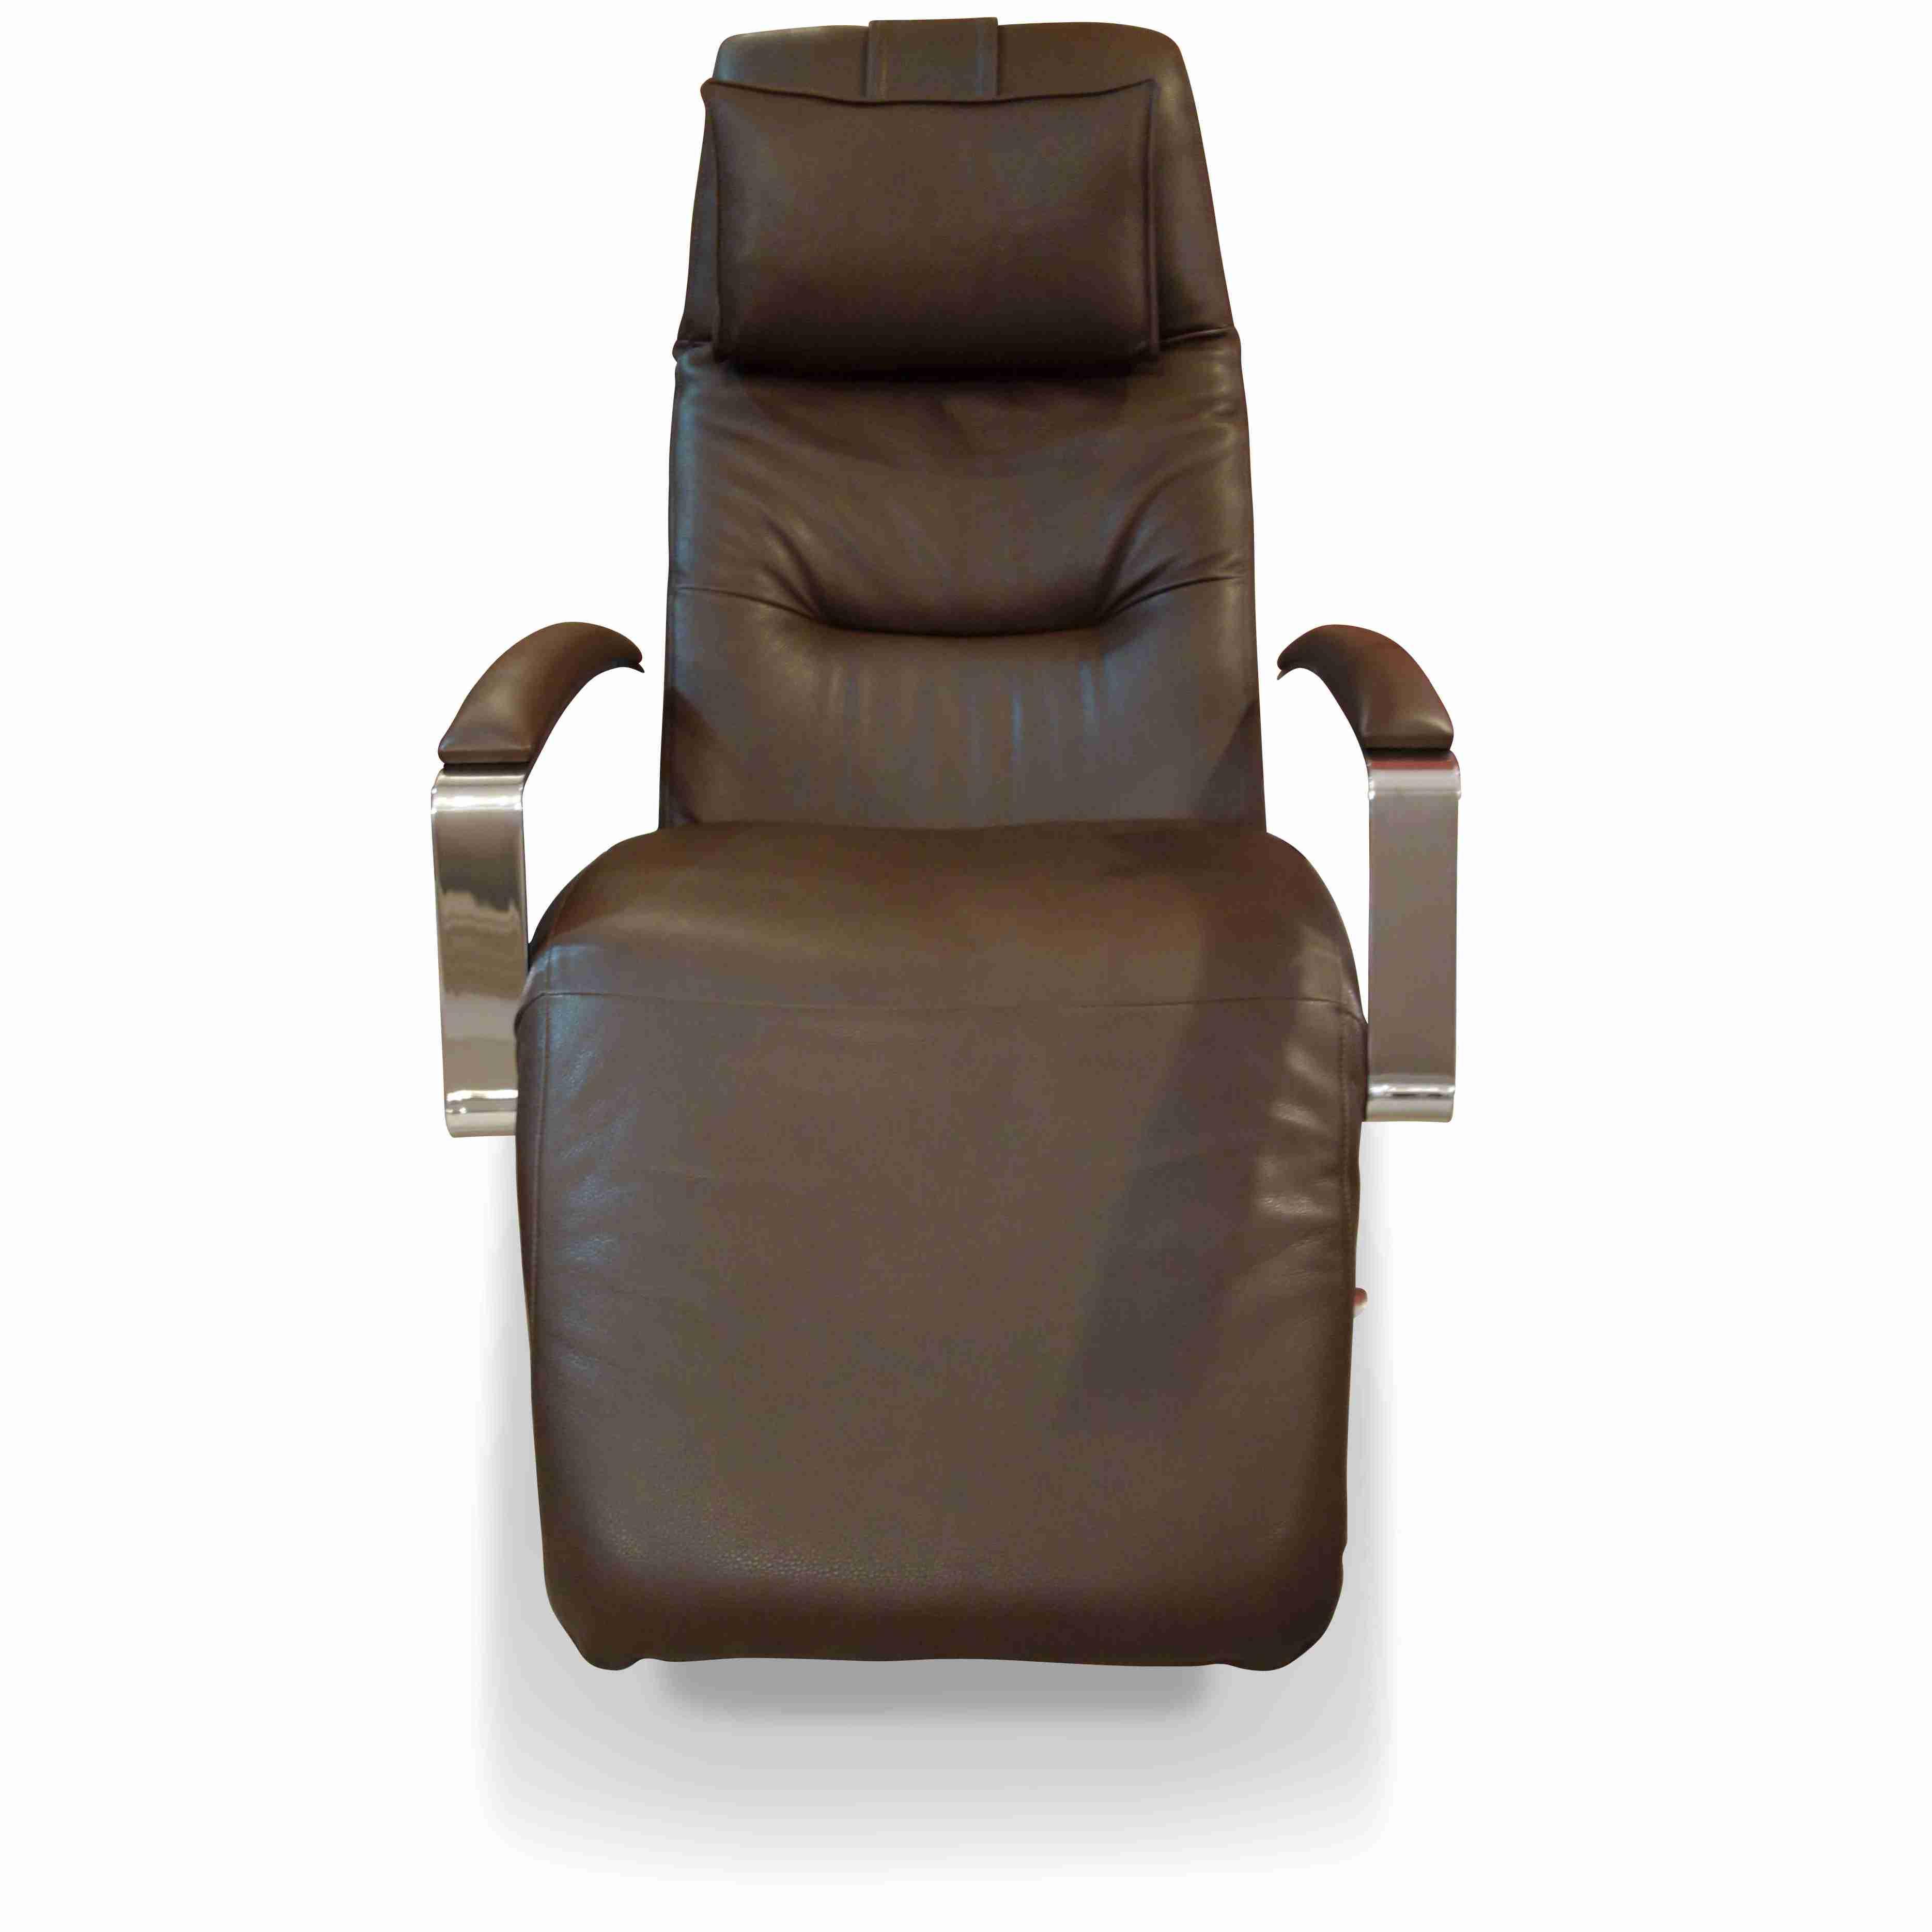 wk wohnen designer sessel wk 630 chilly easy leder stahl. Black Bedroom Furniture Sets. Home Design Ideas